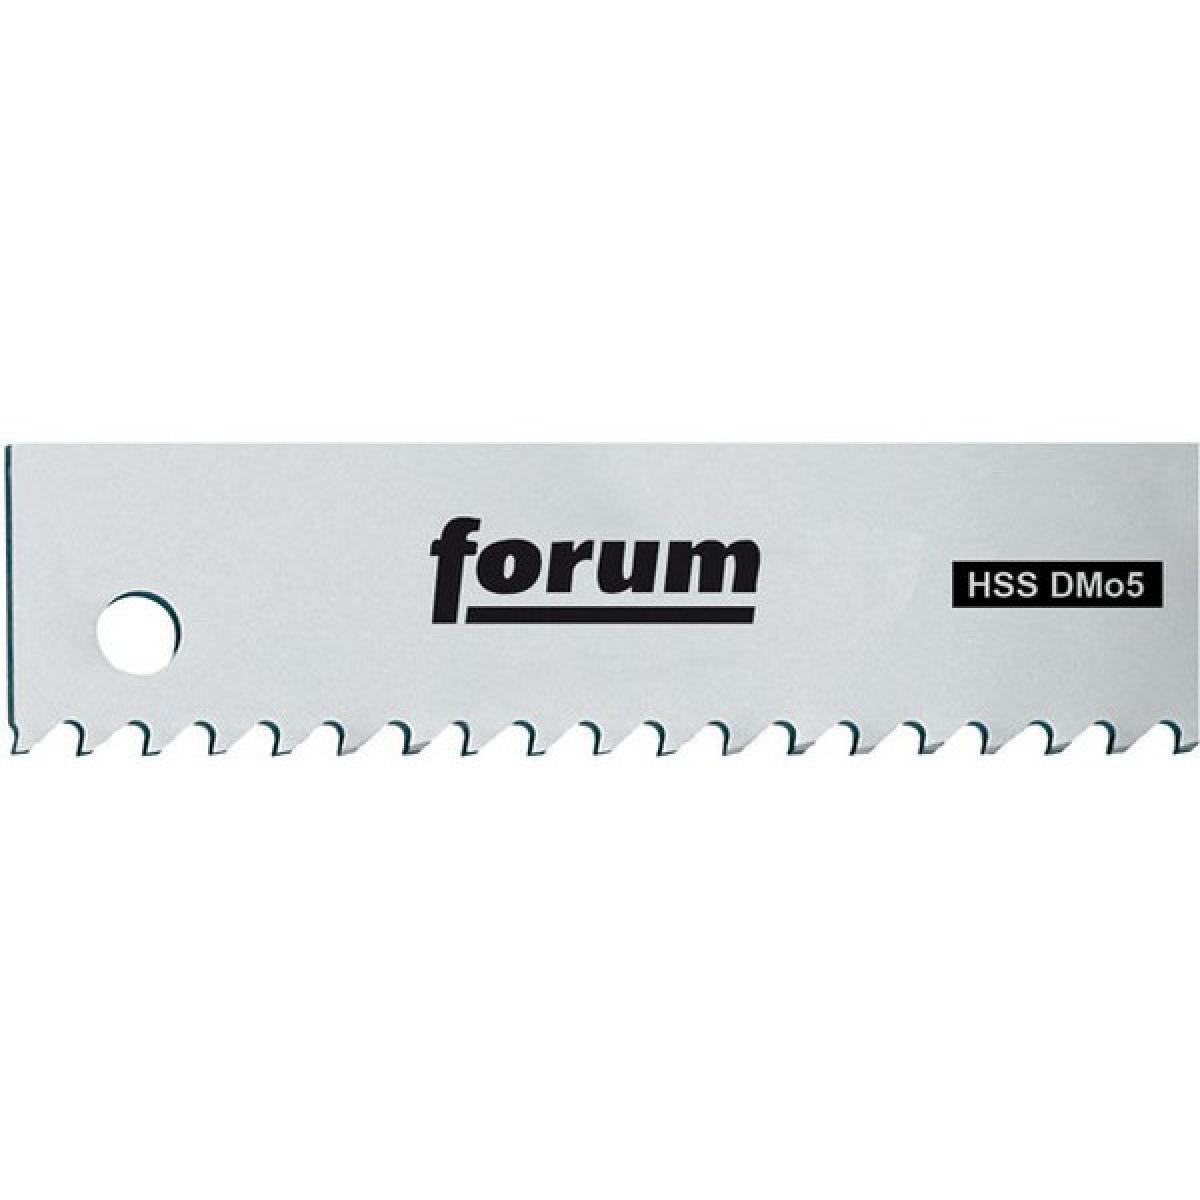 Forum Lame de scie alternative, Long. : 600 mm, Larg. : 50 mm, Épais. : 2,5 mm, Dents par pouce : 4